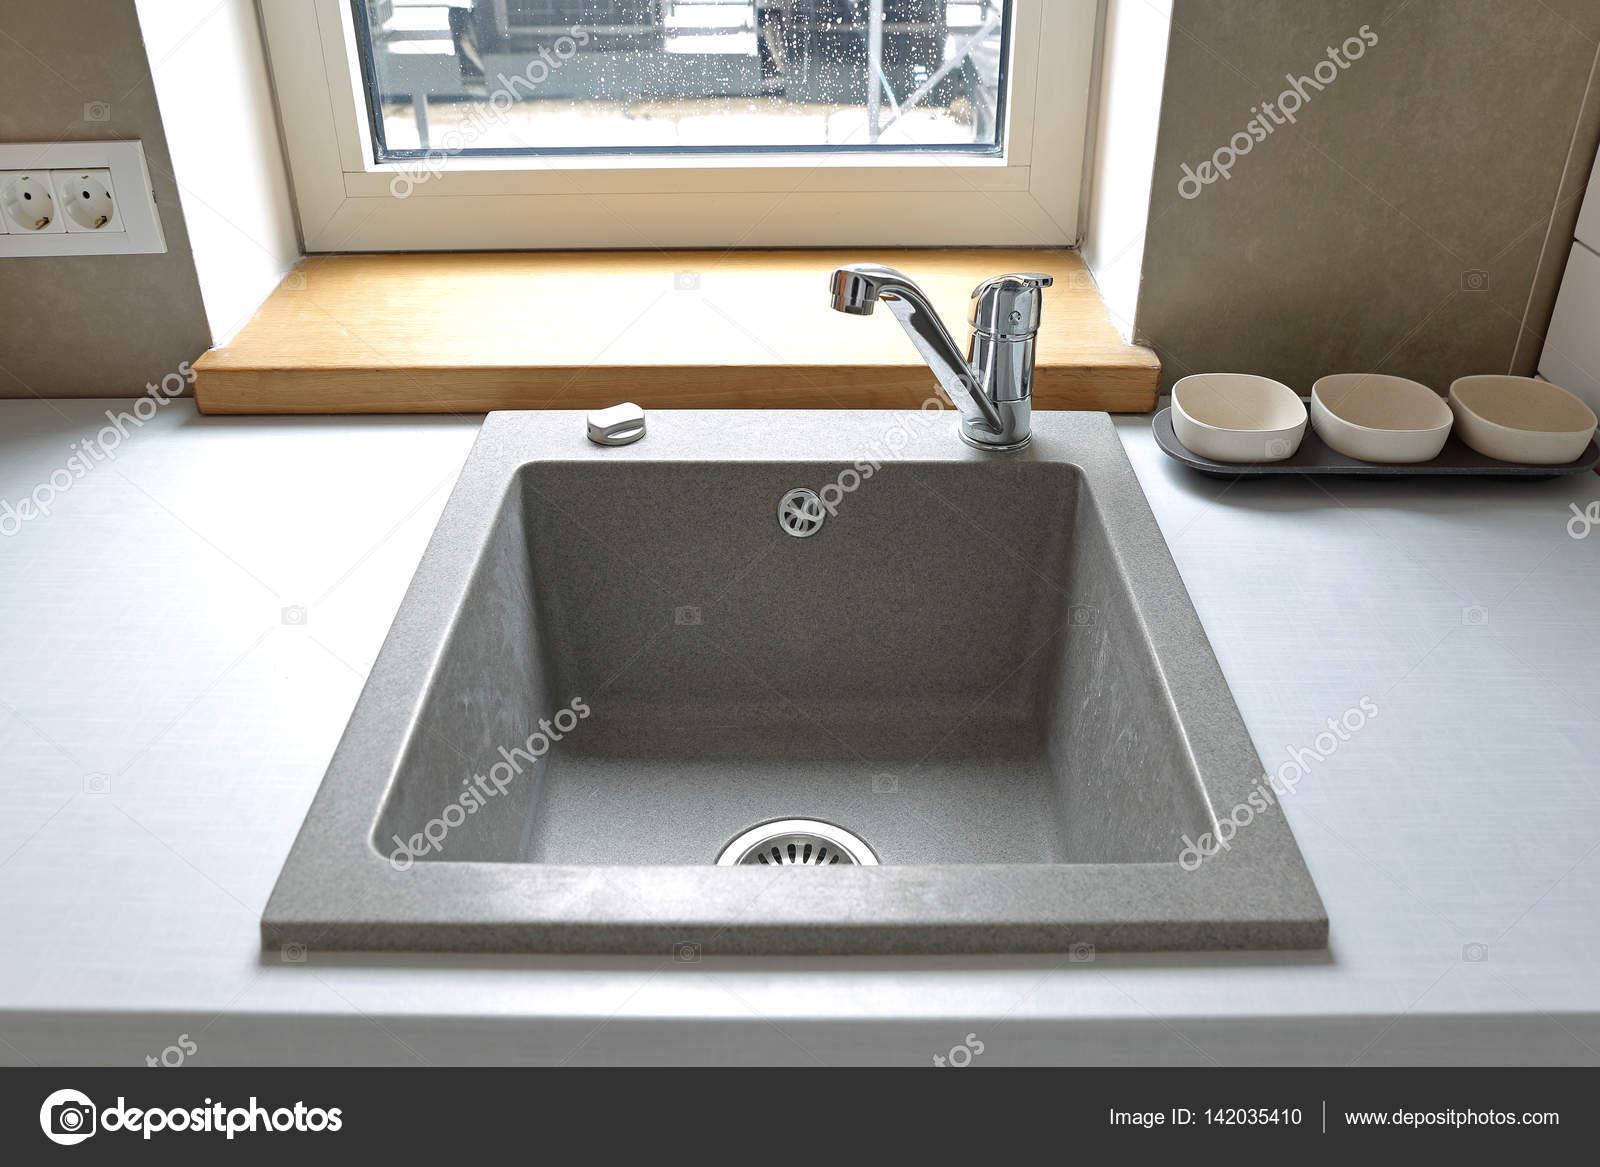 Lavello in pietra in cucina — Foto Stock © Baloncici #142035410